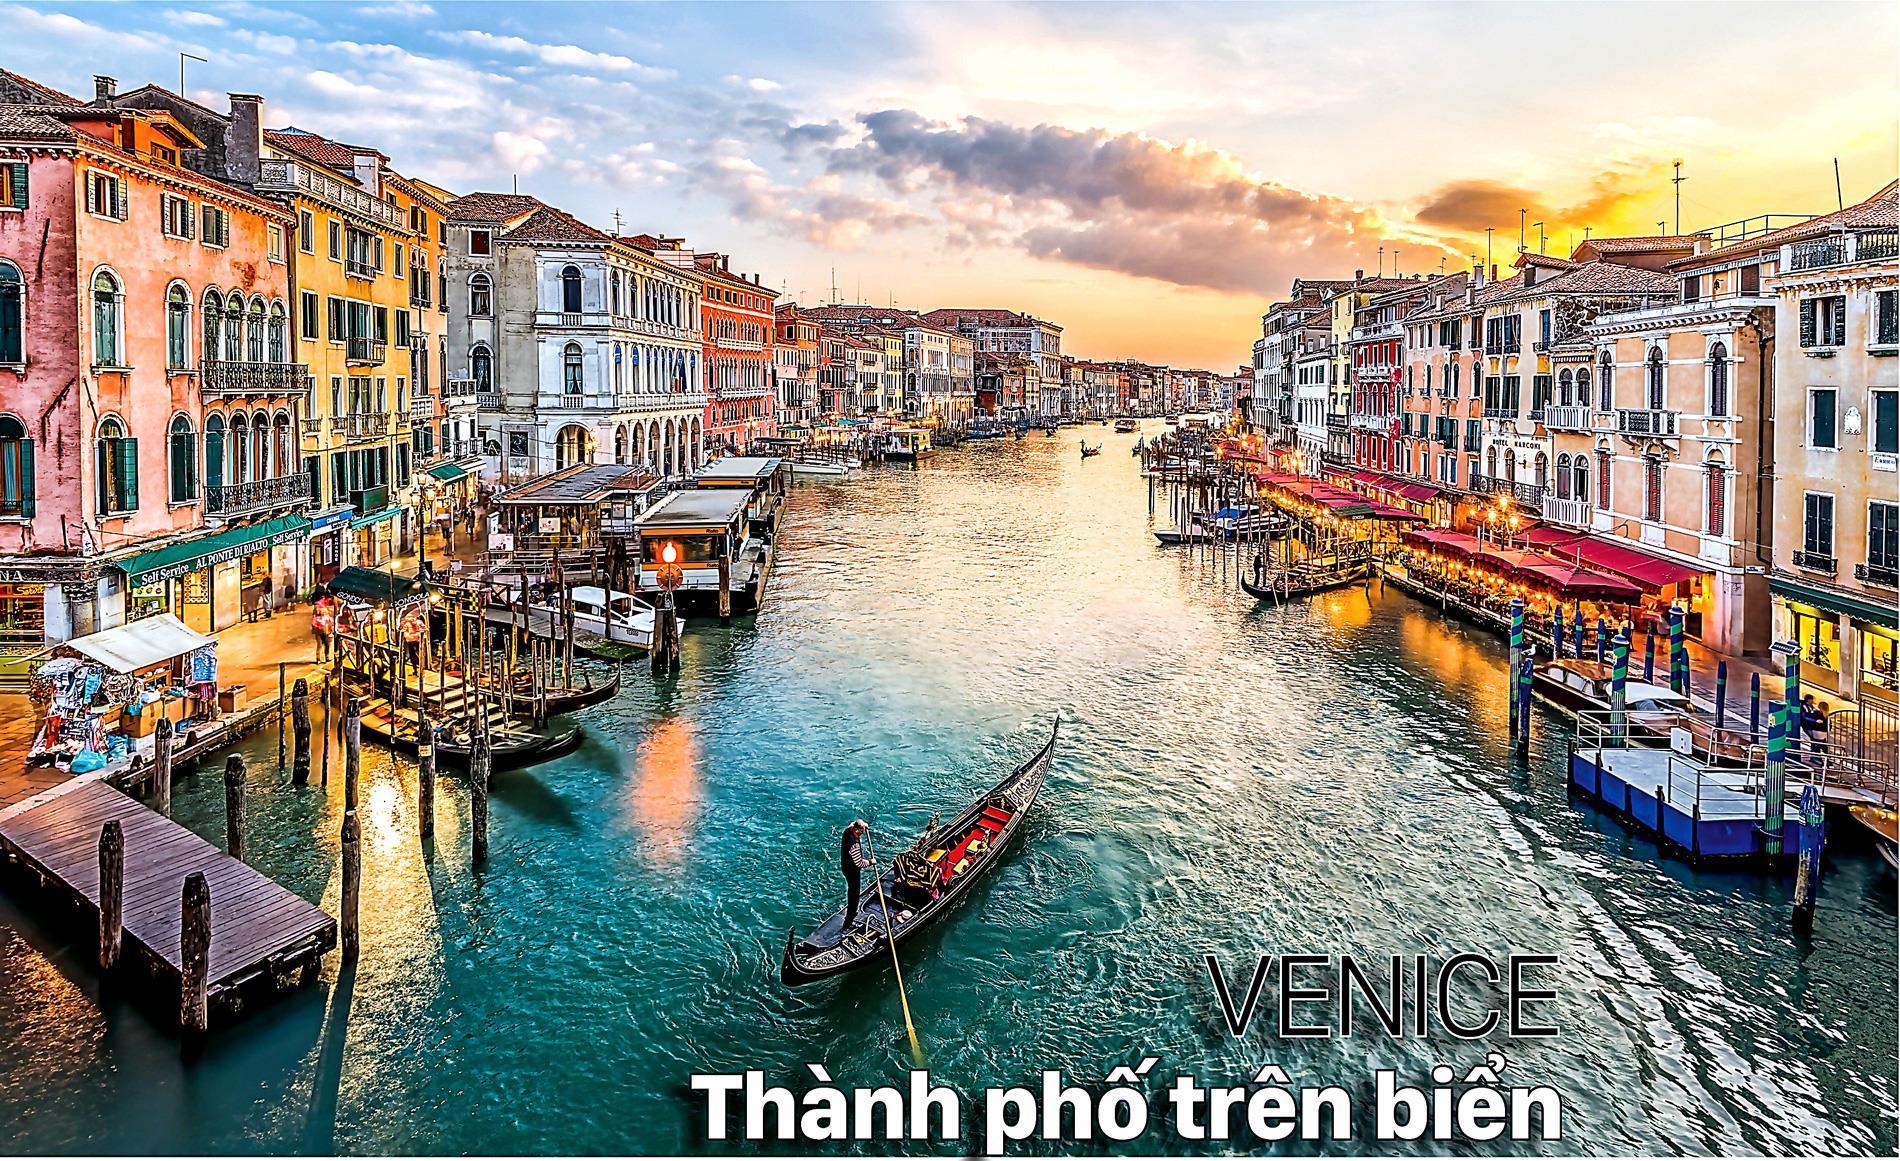 Venice Thành phố trên biển